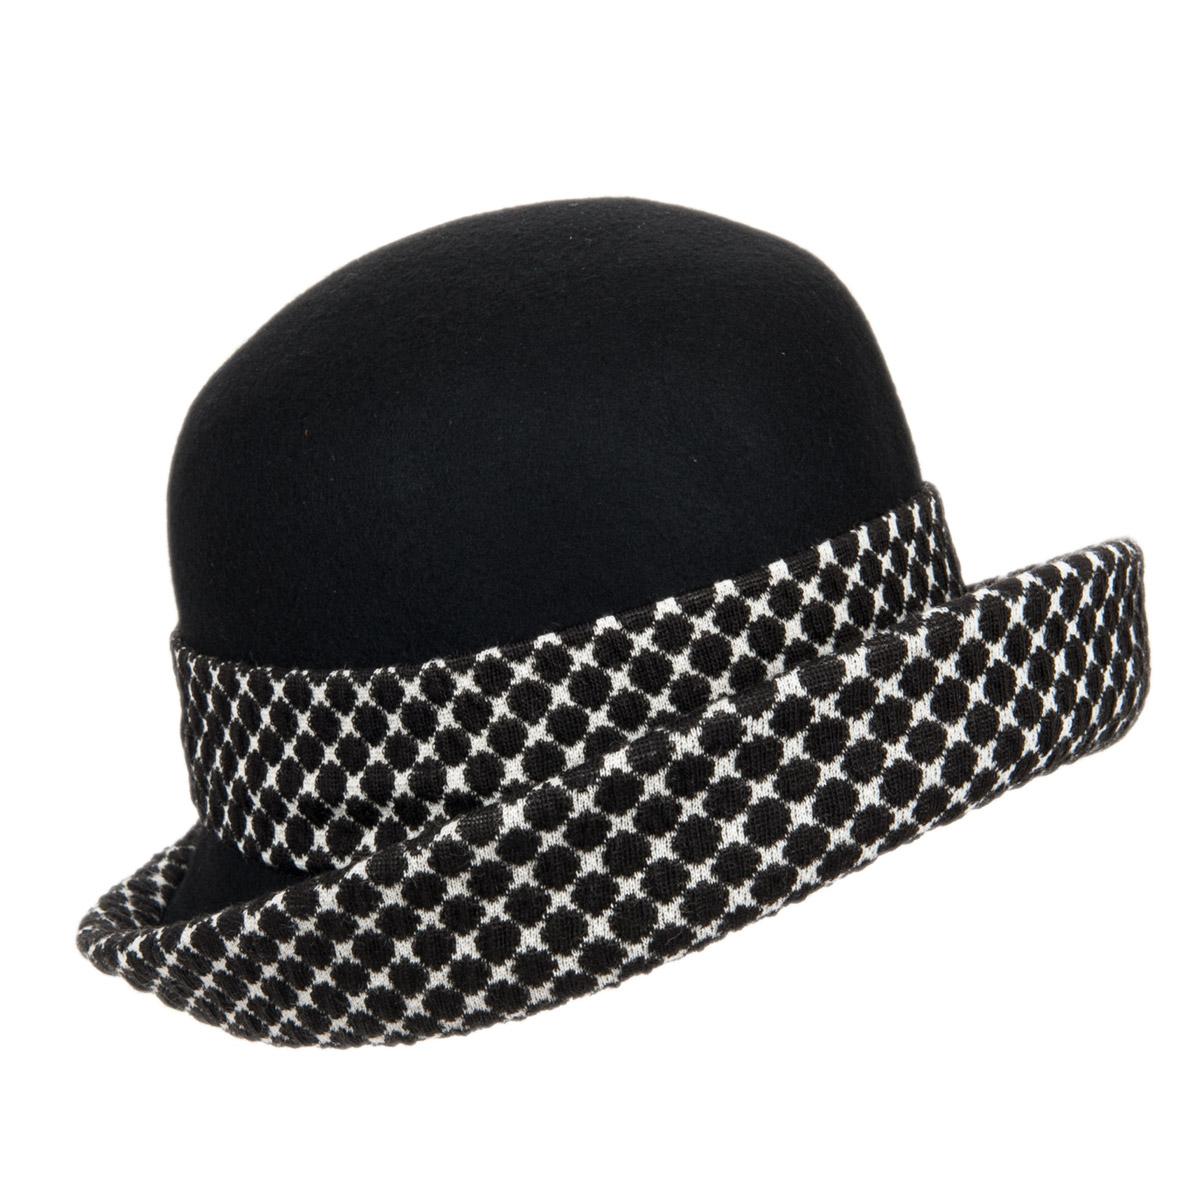 sezione speciale come acquistare Super carino Cappello di feltro da donna